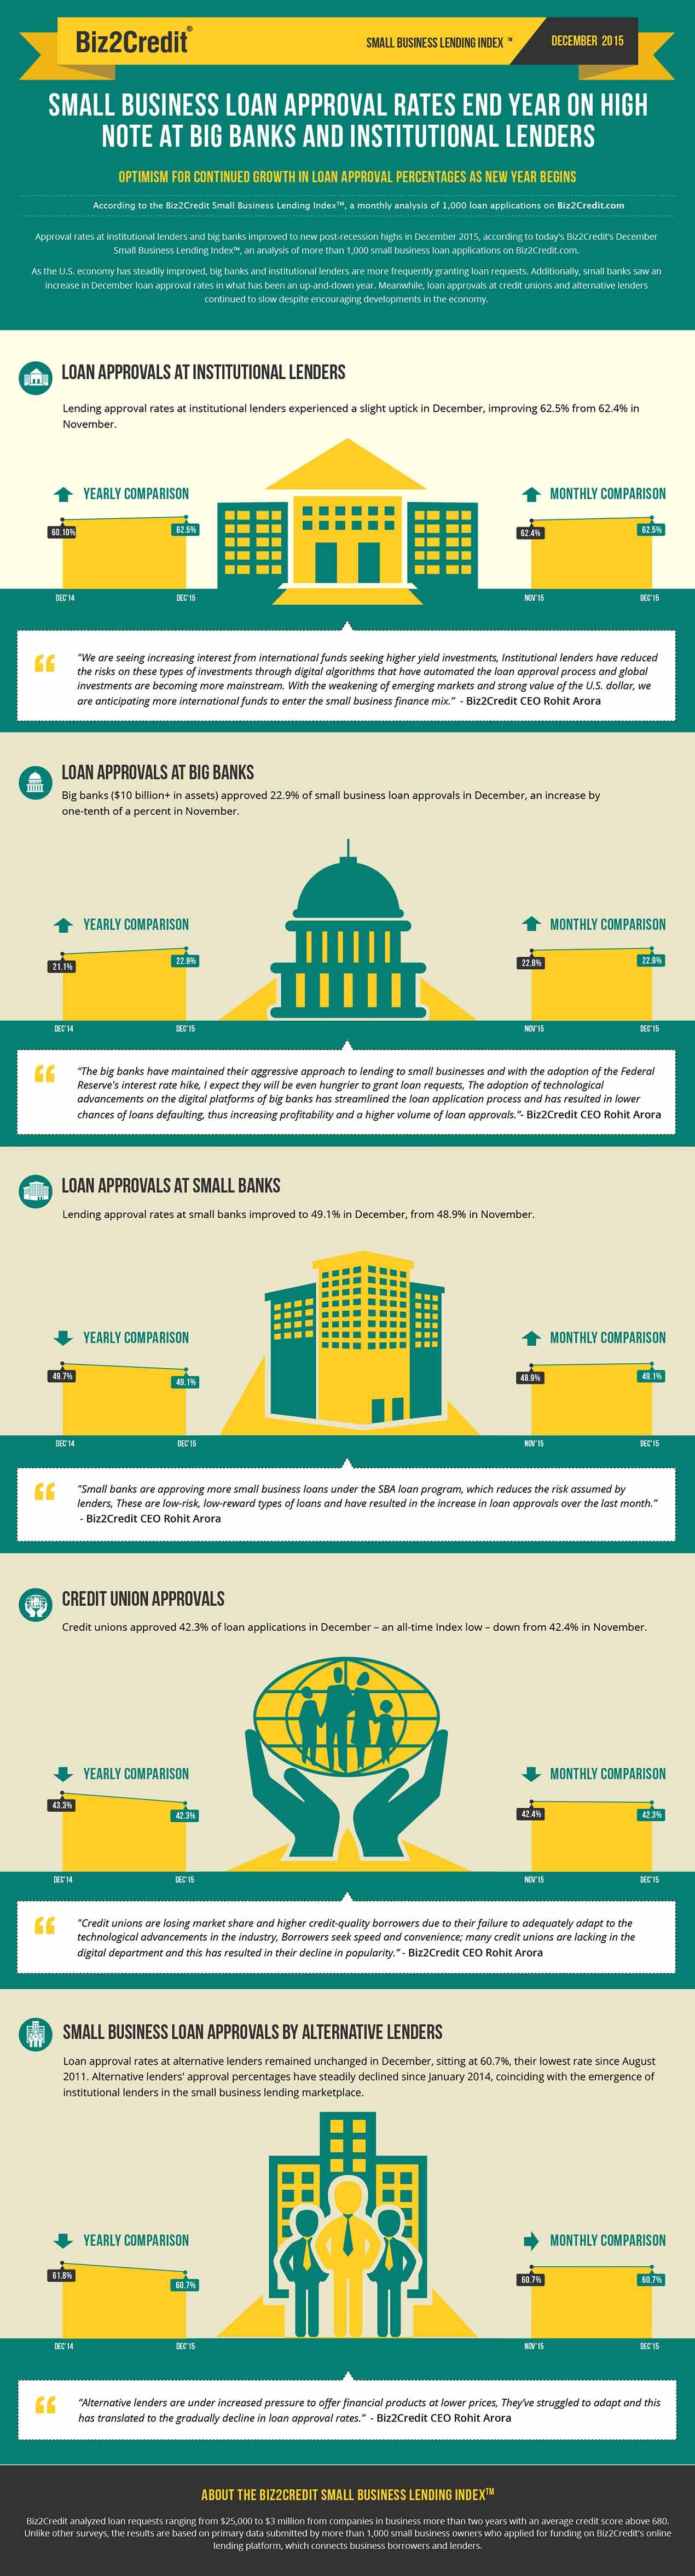 Dec 15 Lending Index Infographic